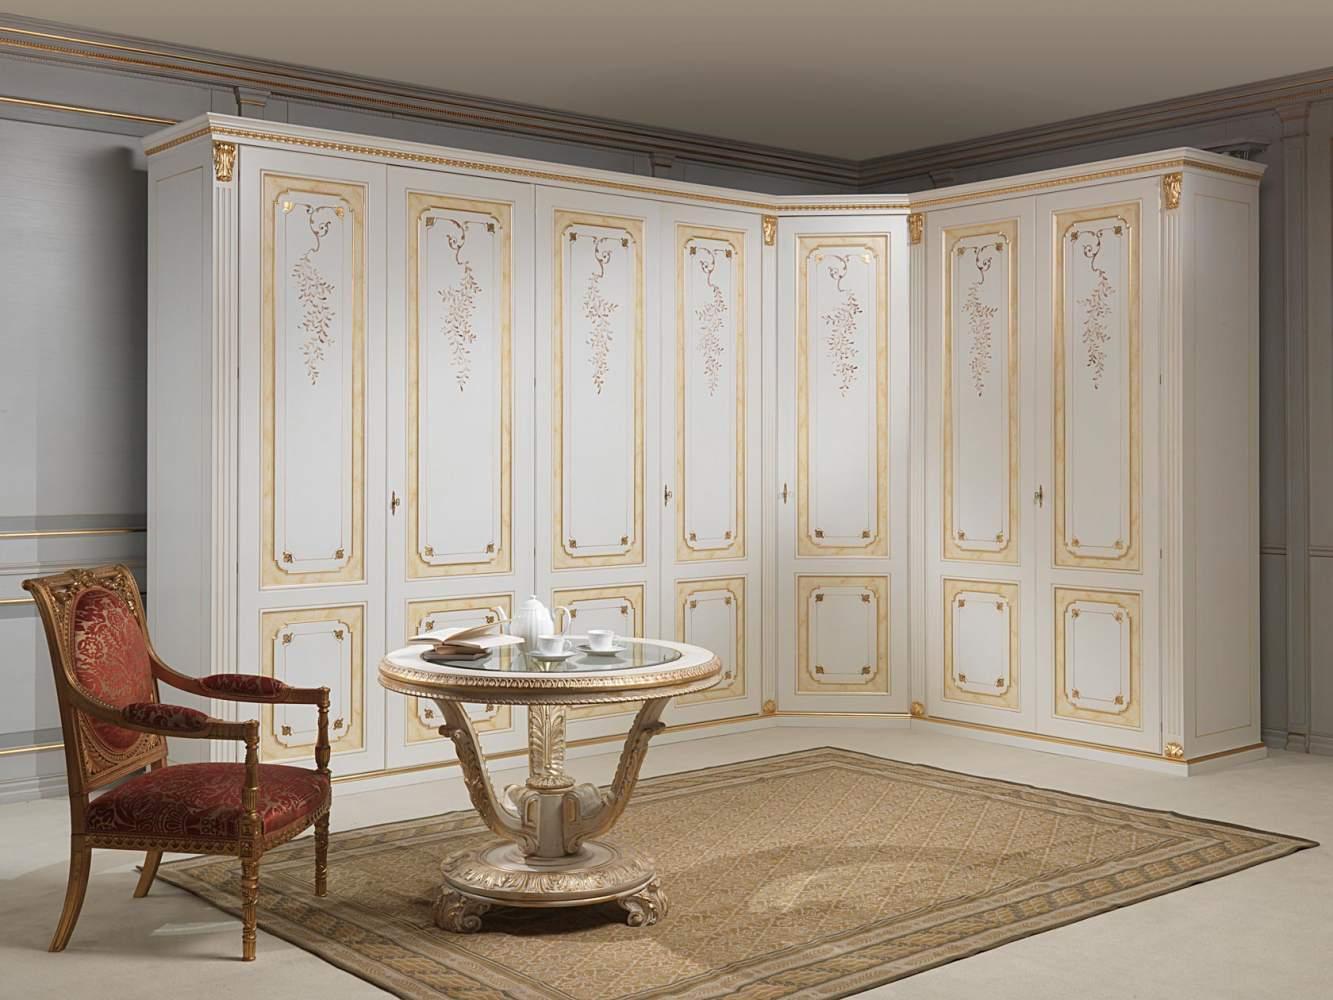 Armoire angulaire classique blanc et or